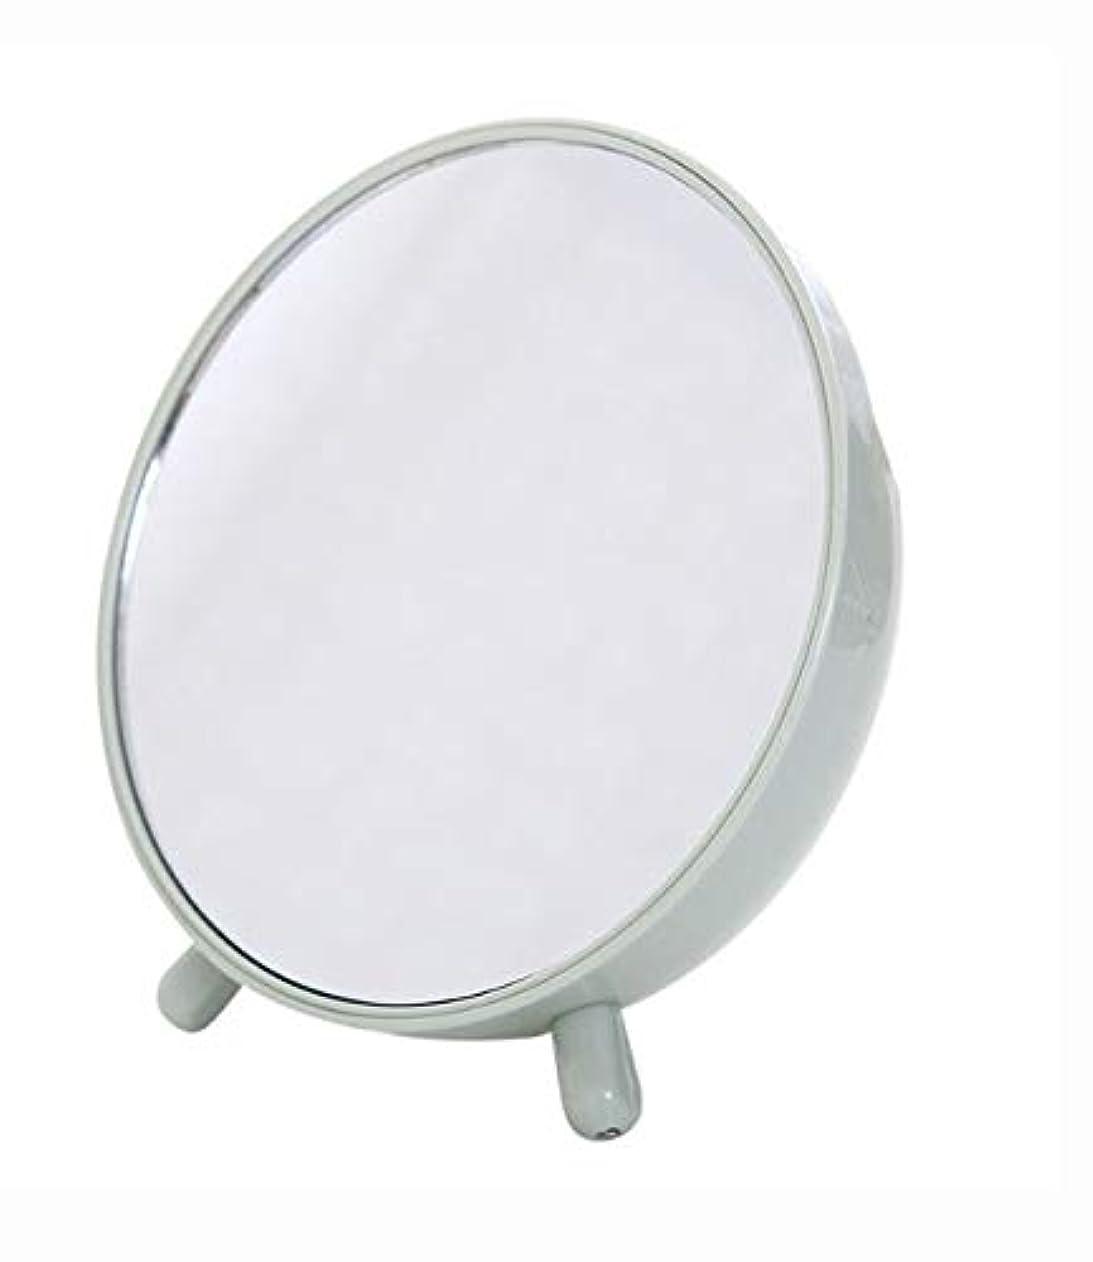 着る絶壁運河化粧鏡、収納箱の化粧品のギフトが付いている緑の簡単な円形のテーブルの化粧鏡